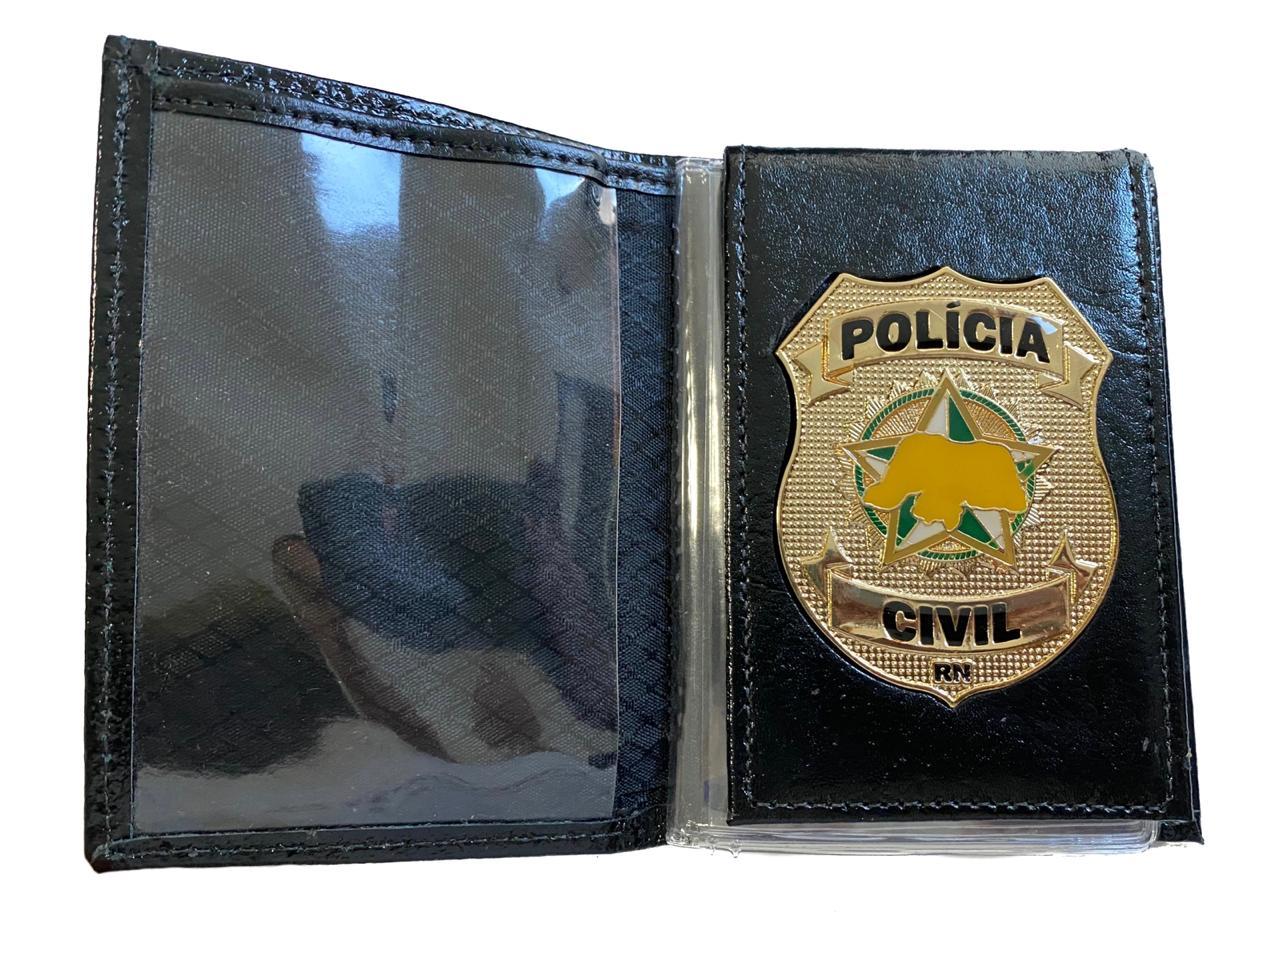 POLÍCIA CIVIL RIO GRANDE DO NORTE - PCRN NOVO BRASÃO